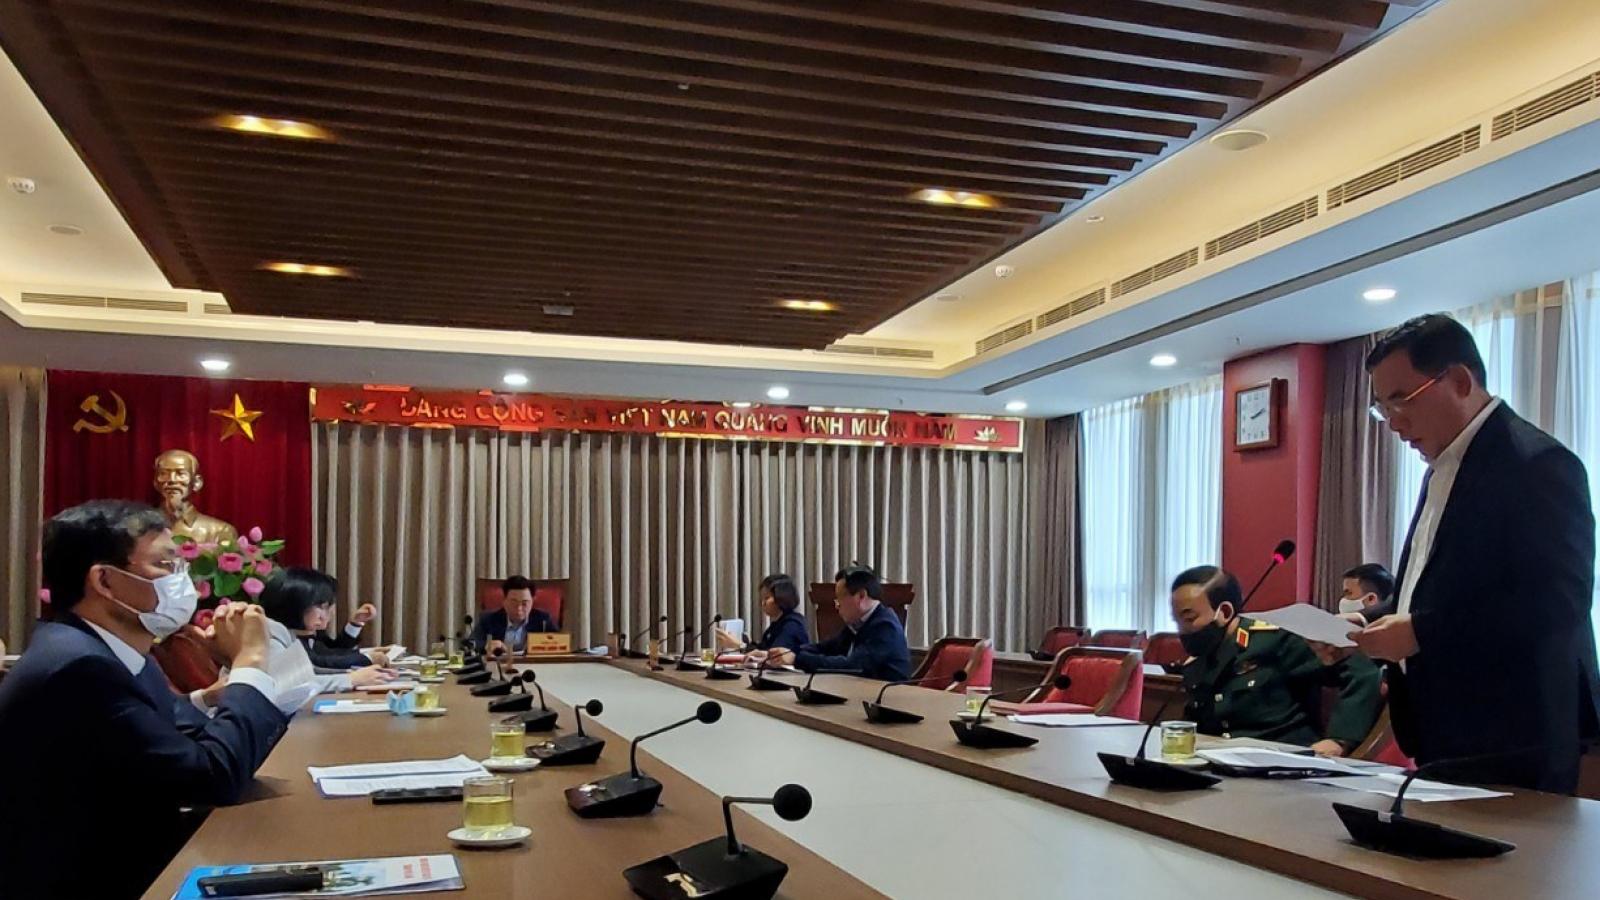 Yêu cầu lãnh đạo Hà Nội không được rời thành phố trong dịp Tết Tân Sửu